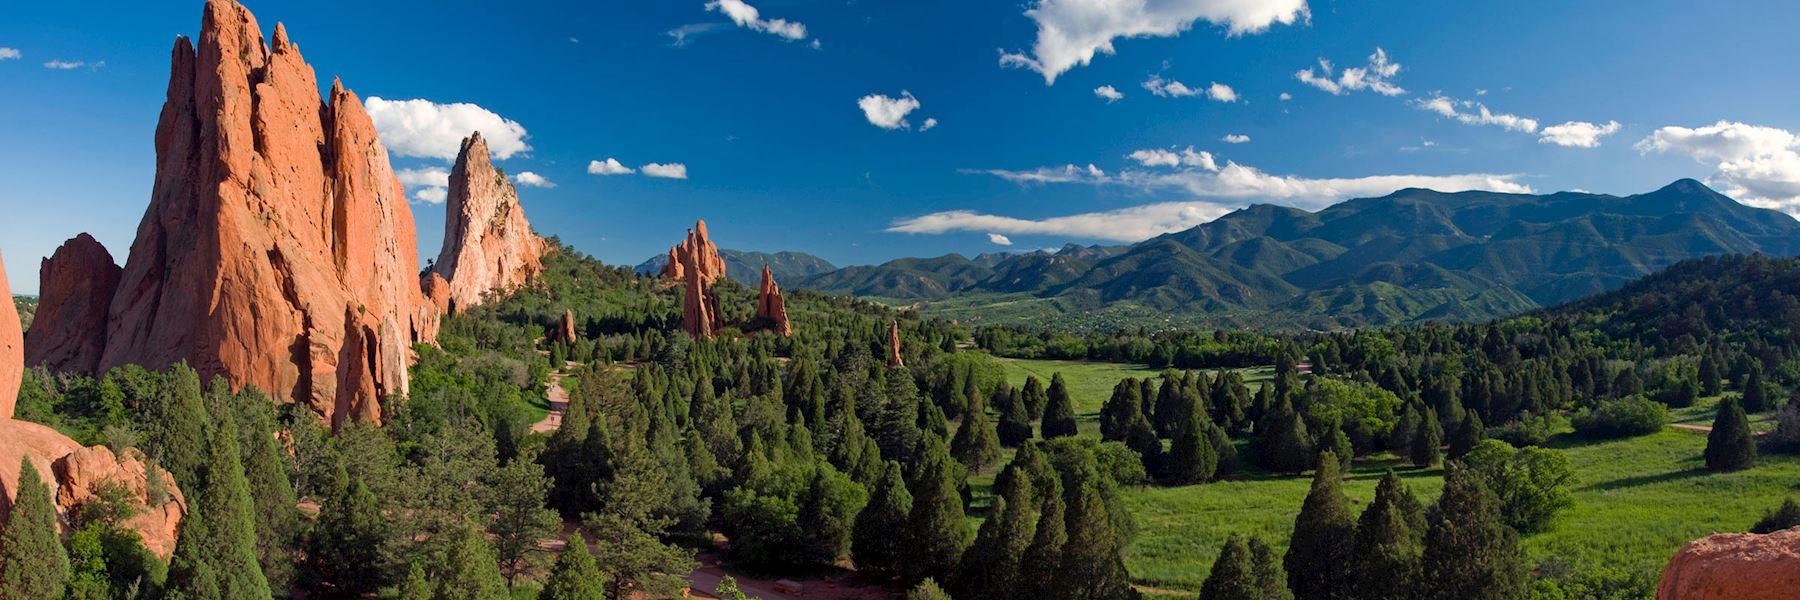 Visit Colorado Springs, USA